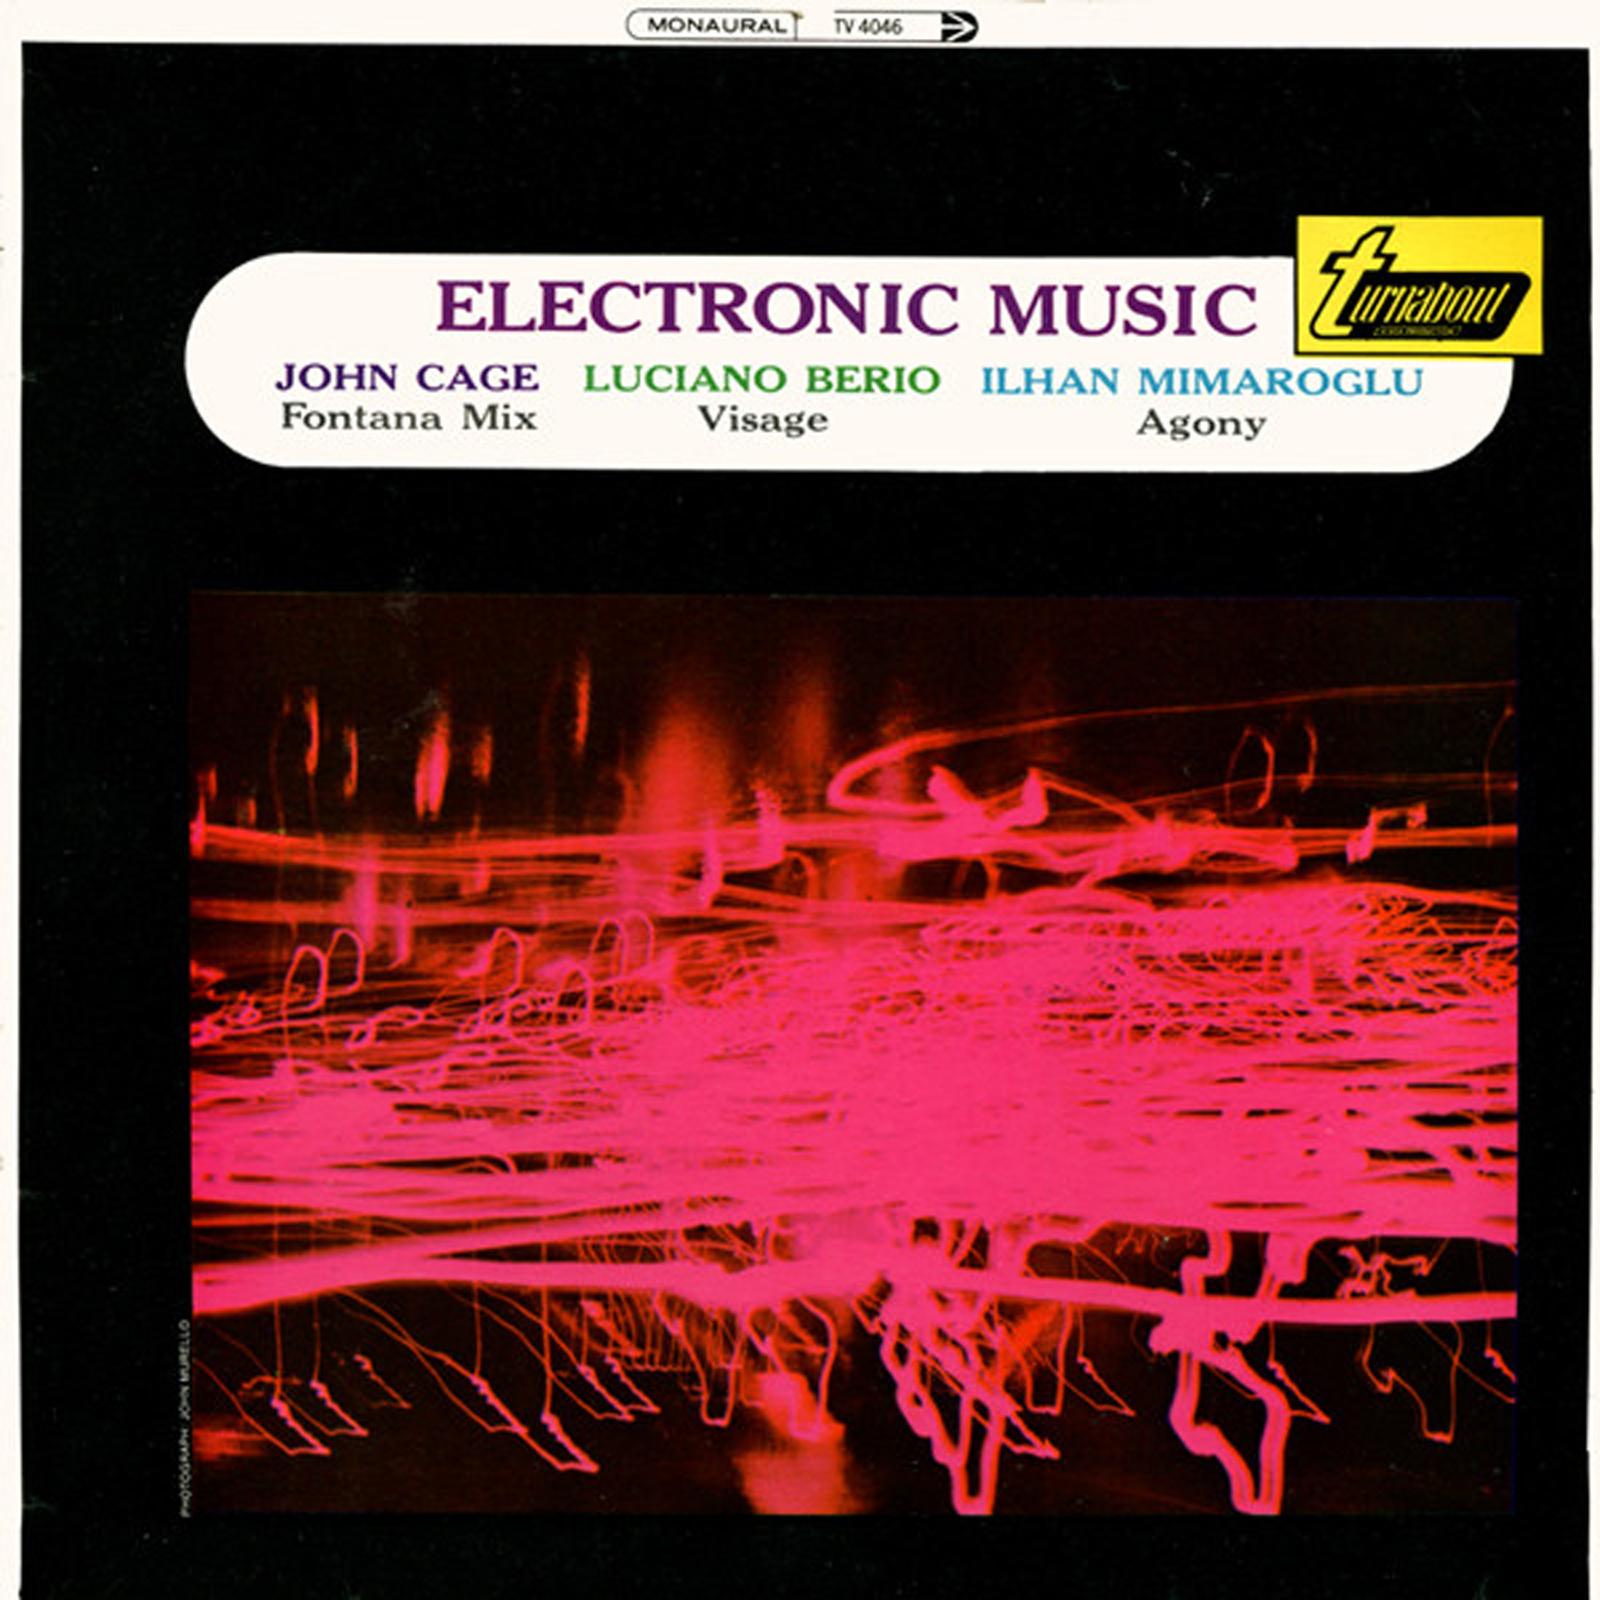 Walter Carlos Ilhan Mimaroglu Andres Lewin Richter Tzvi Avni Musica Elettronica